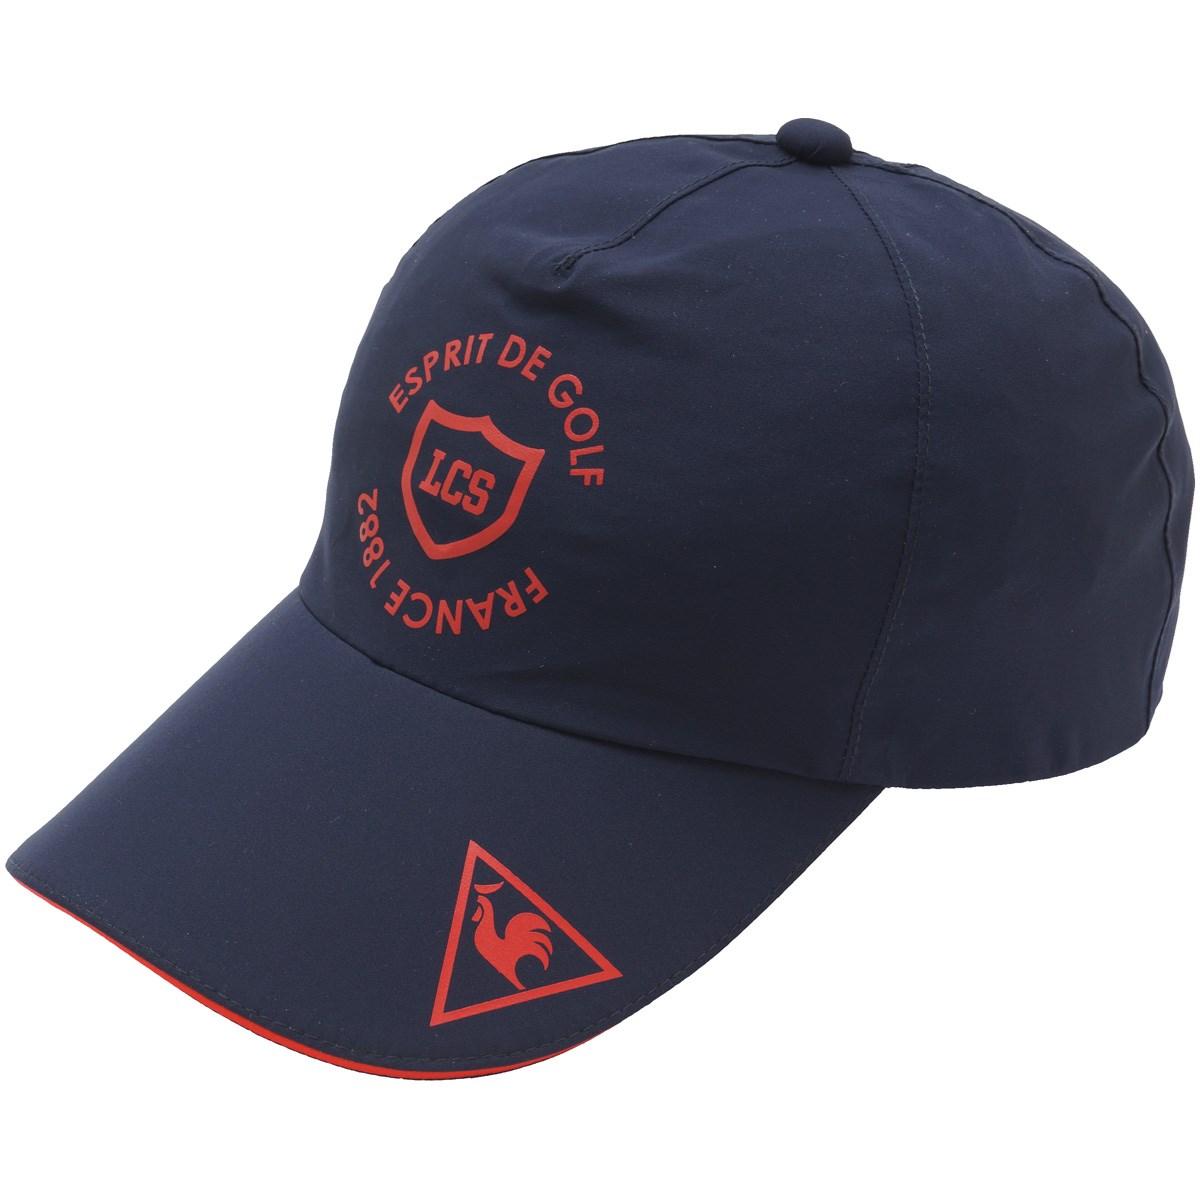 ルコックゴルフ Le coq sportif GOLF レインキャップ フリー ネイビー 00 レディス